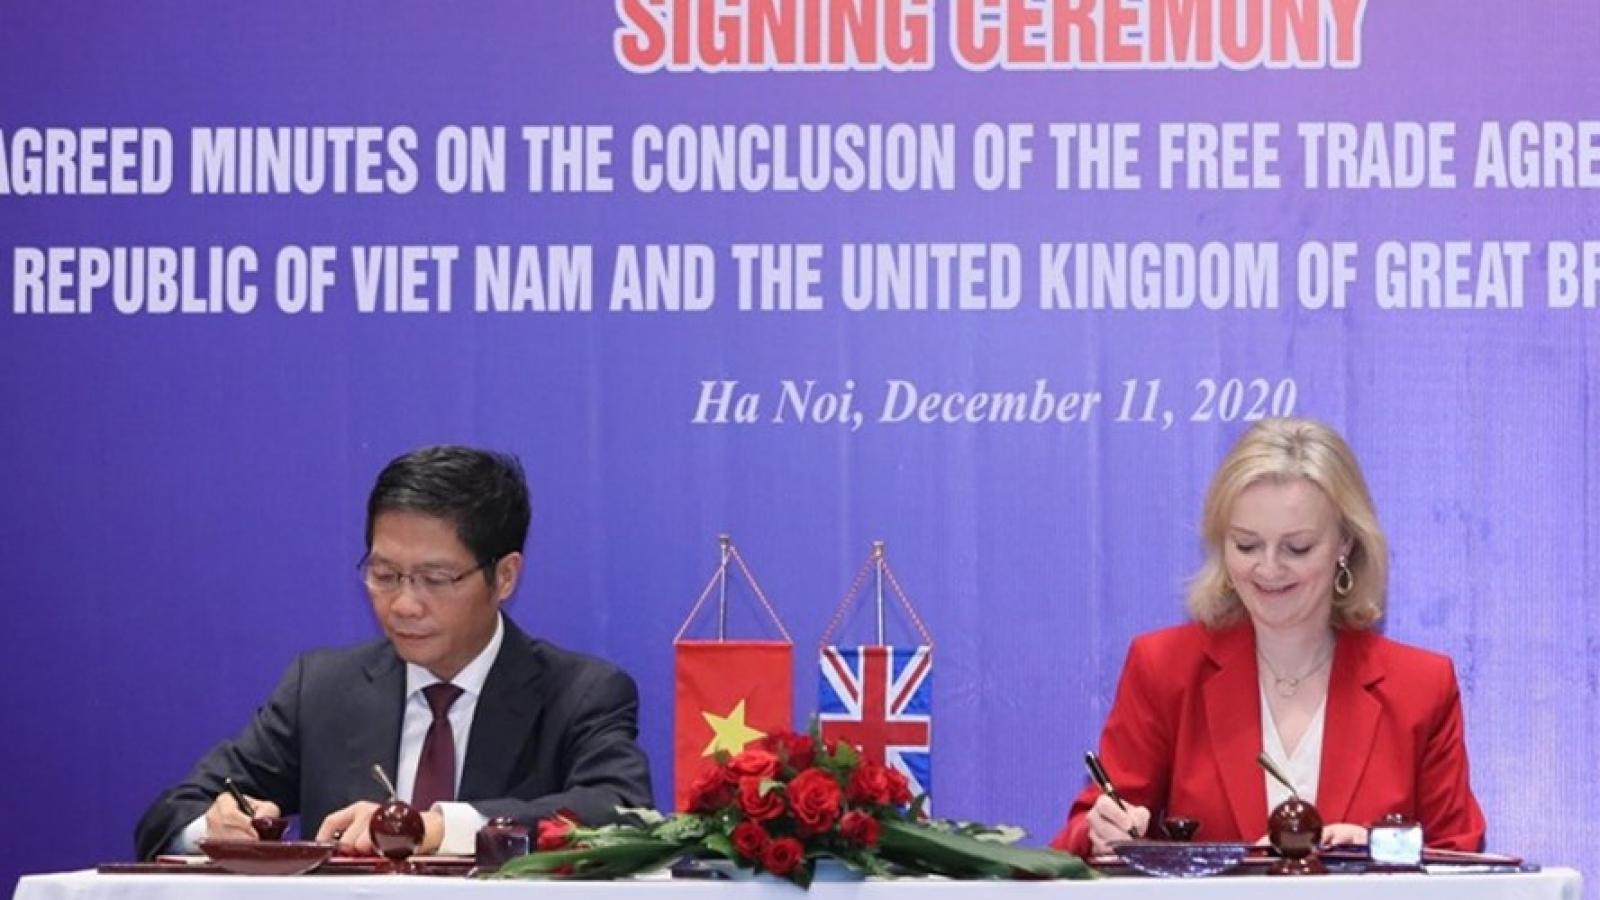 Việt Nam ký Hiệp định thương mại tự do với Vương quốc Anh và Bắc Ireland